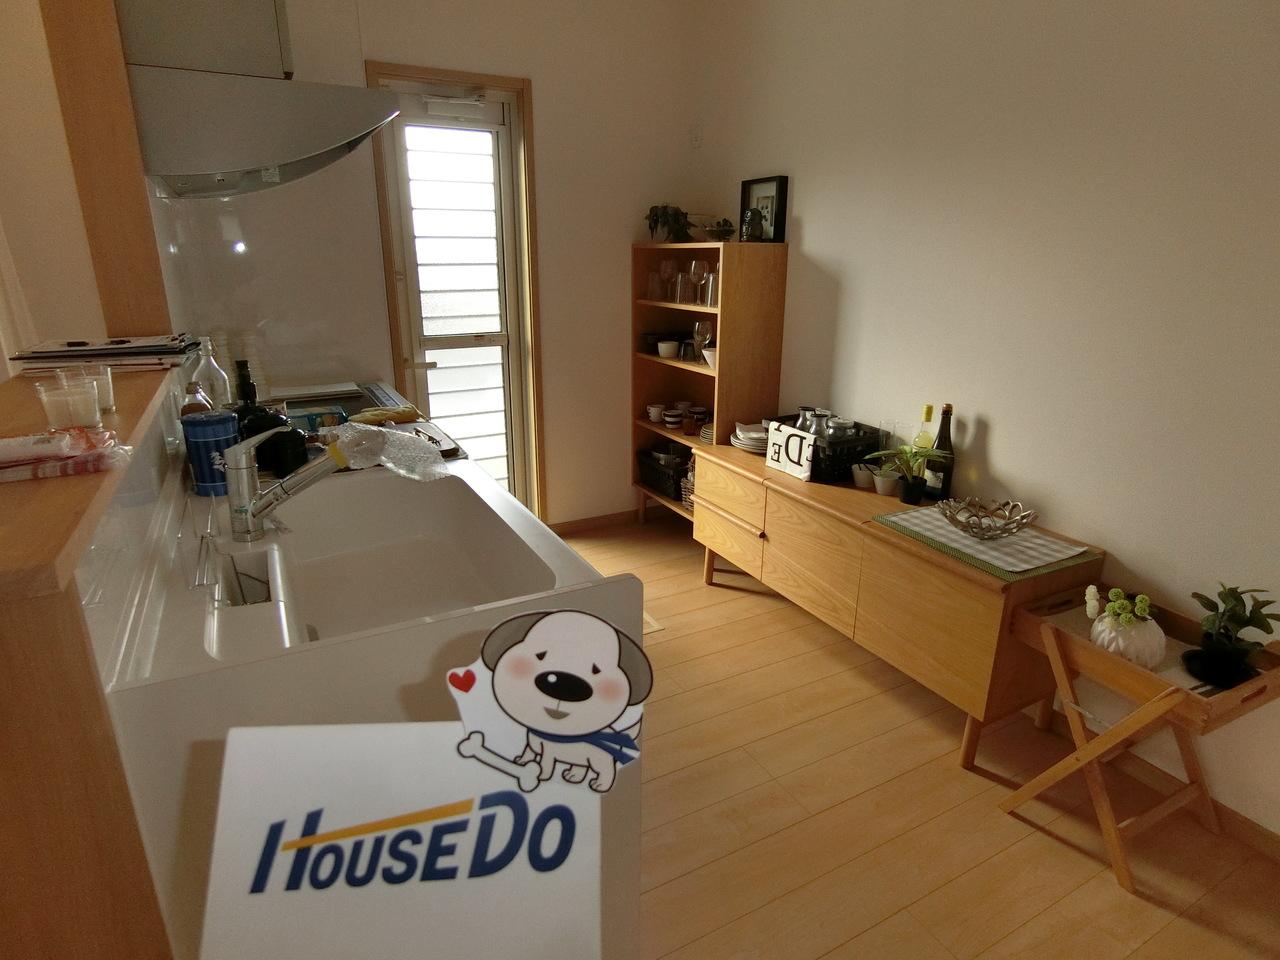 日頃使わない物の収納やストック品や非常食など色んな使い方ができる床下収納も標準装備です。